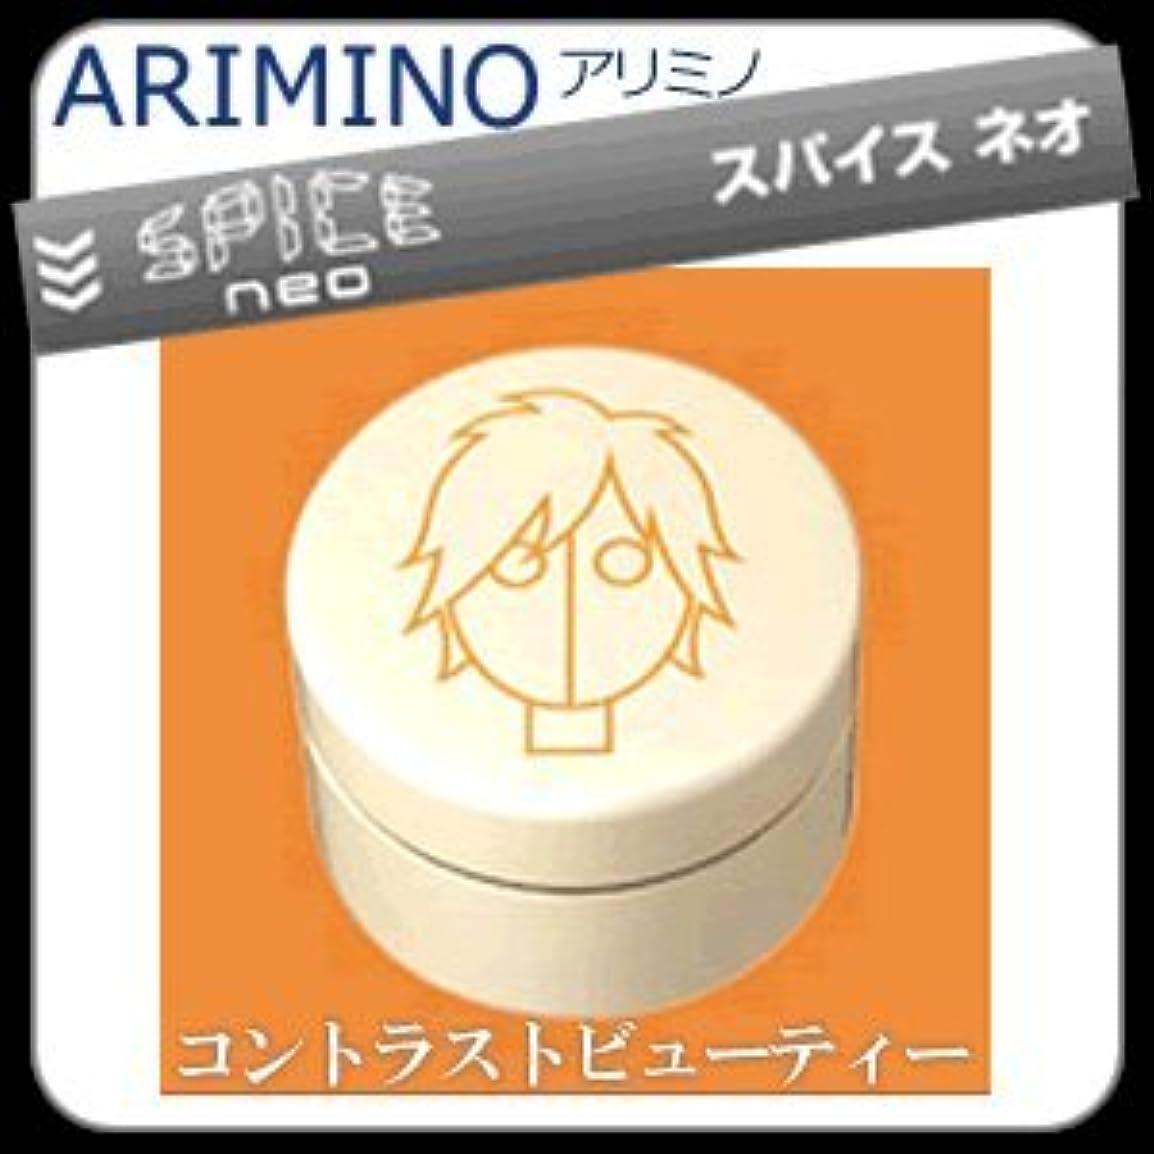 誓いアフリカ人溶かす【X4個セット】 アリミノ スパイスネオ LIGHT HARD-WAX ライトハードワックス 100g ARIMINO SPICE neo